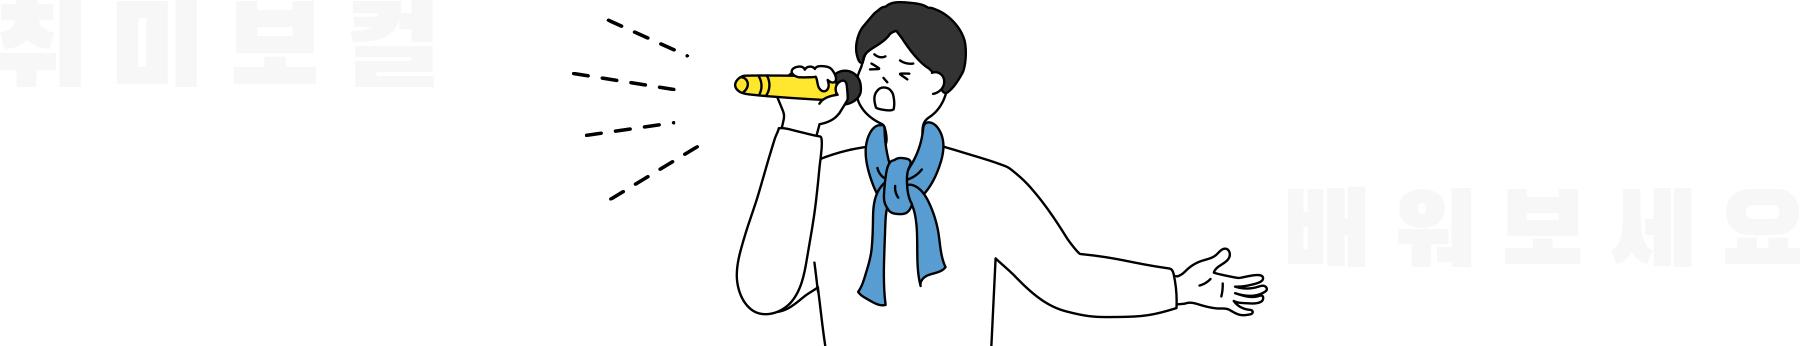 취미보컬배경pc